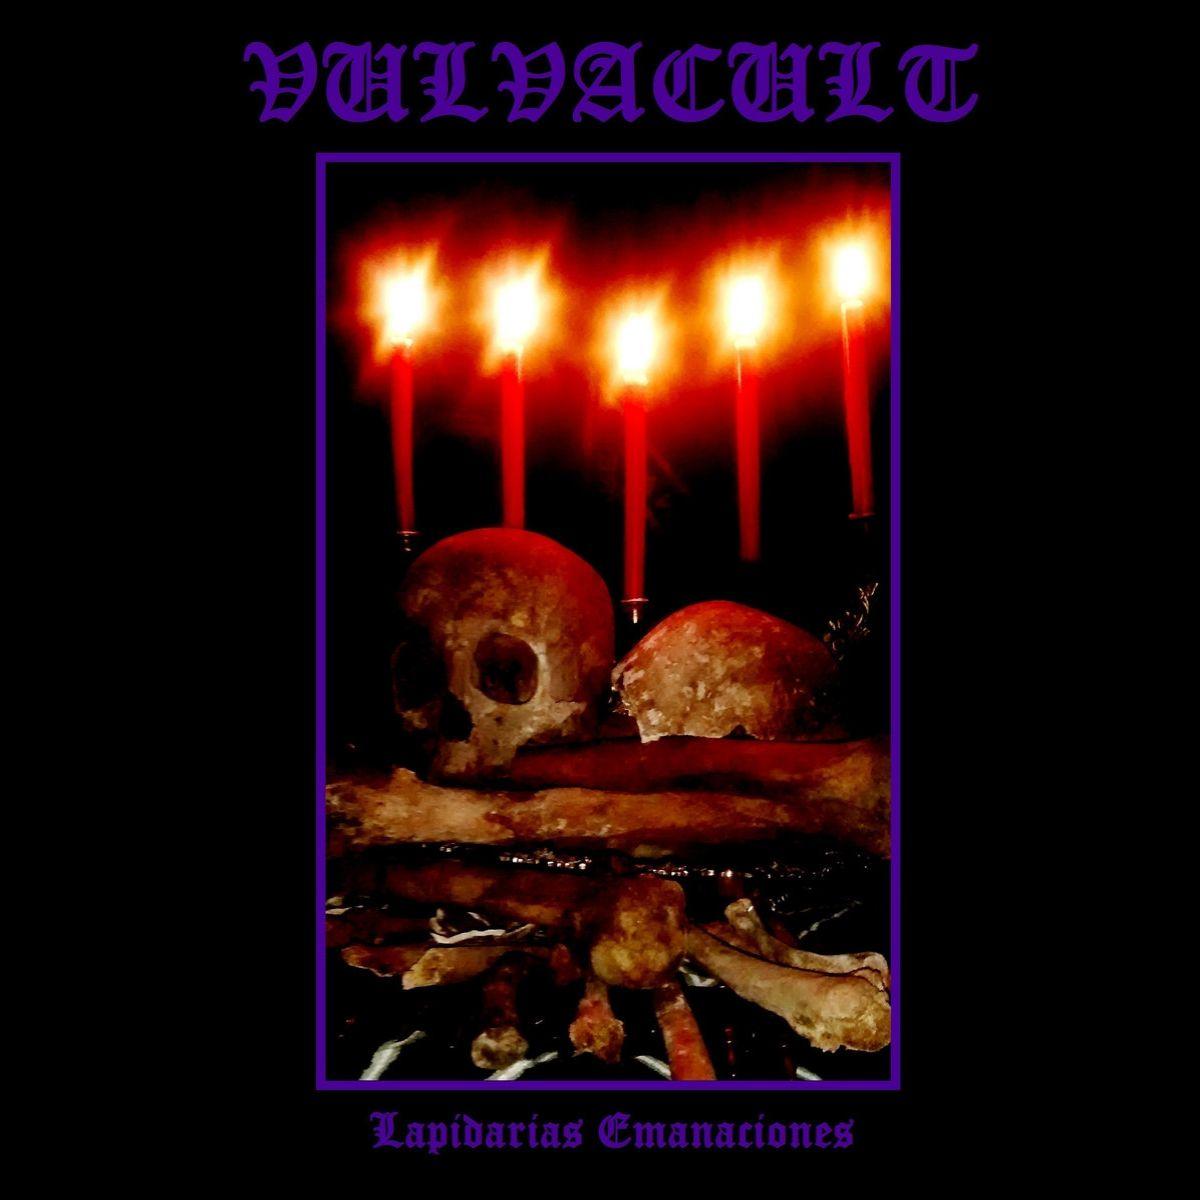 Vulvacult - Lapidarias Emanaciones